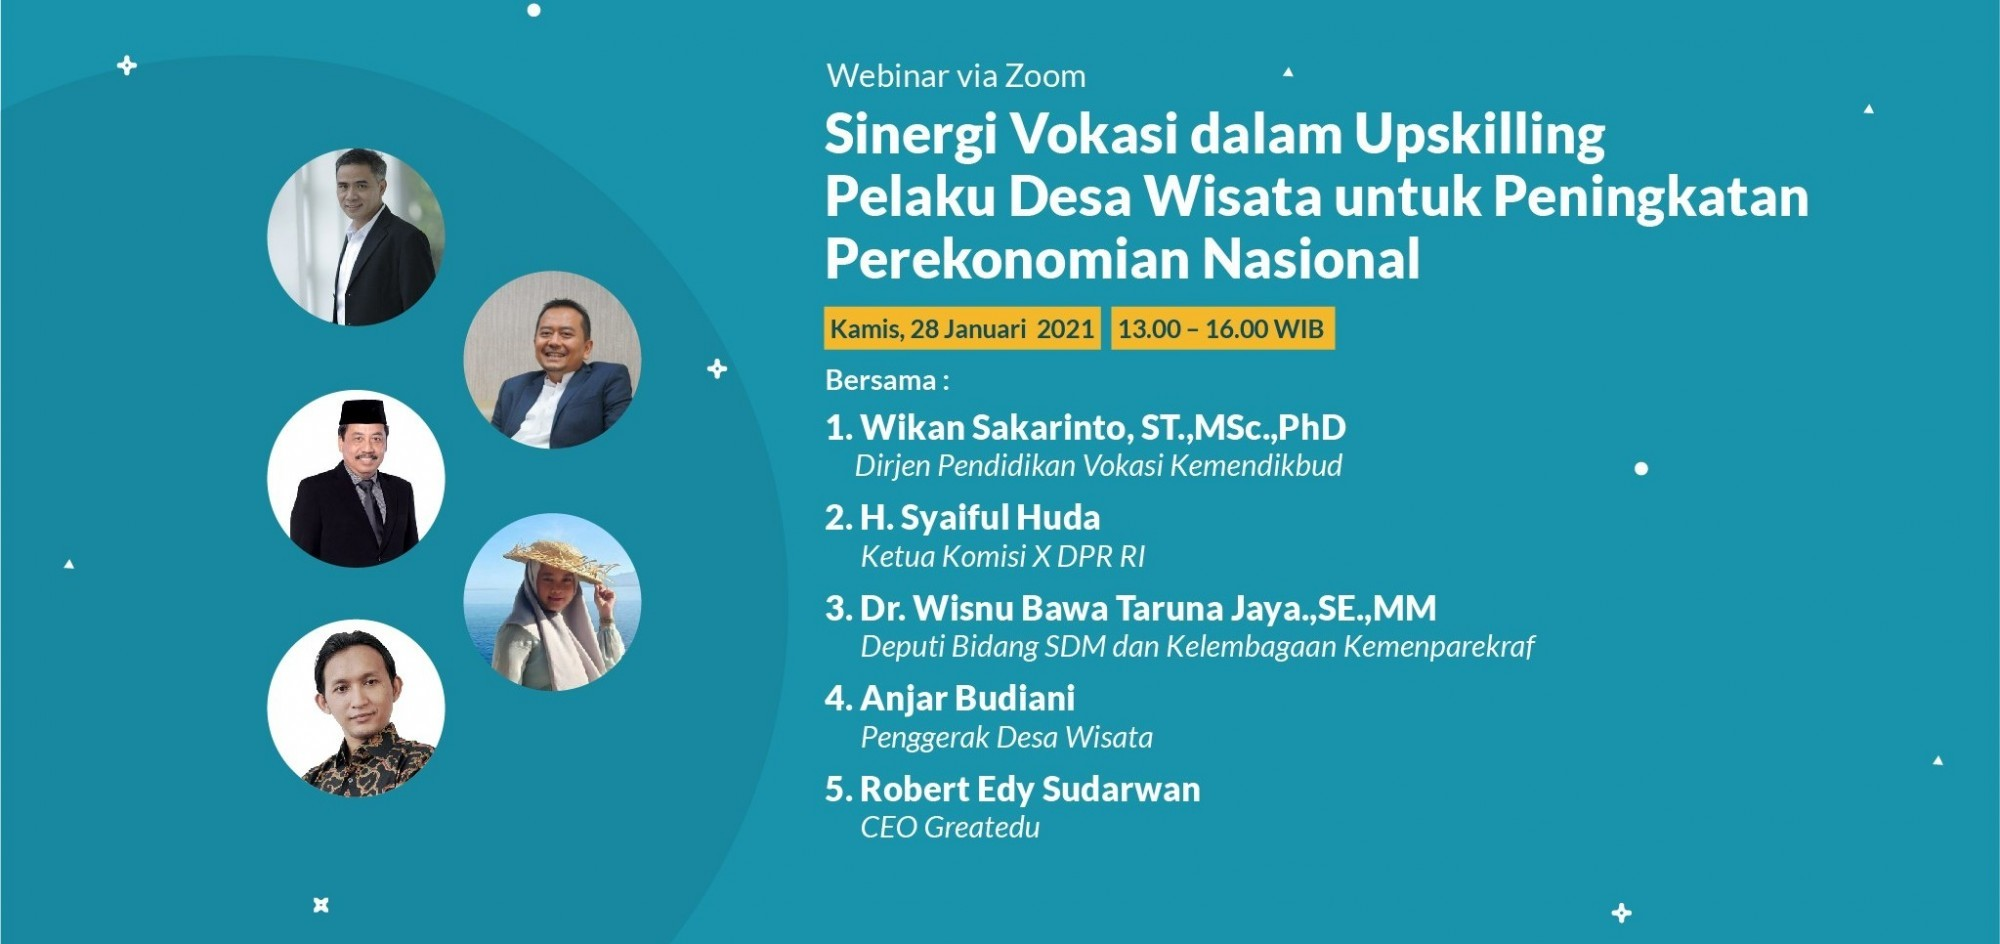 Sinergi Vokasi dalam Upskilling Pelaku Desa Wisata untuk Peningkatan Perekenomian Nasional